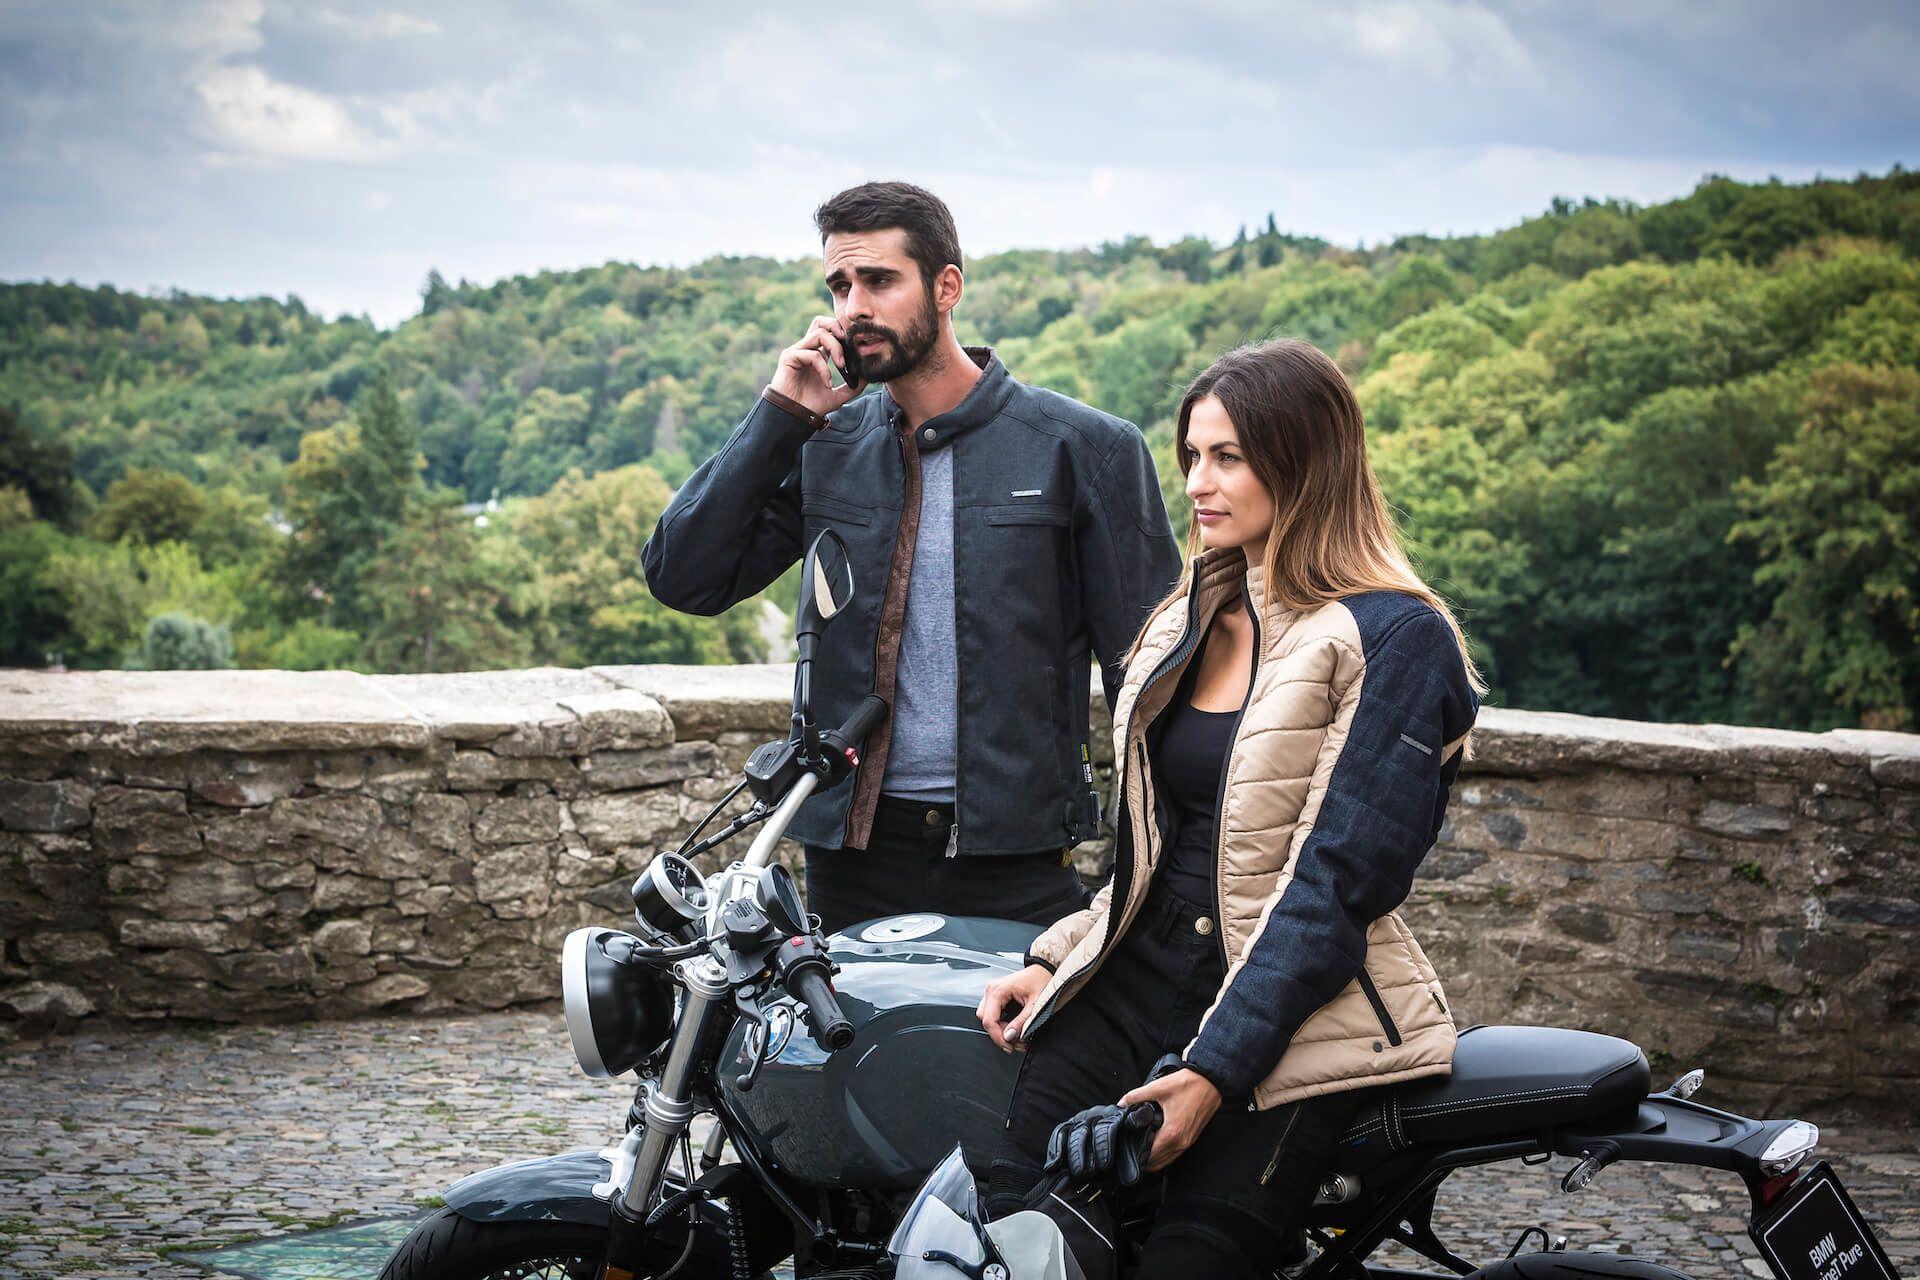 Odzież motocykl Trilobite